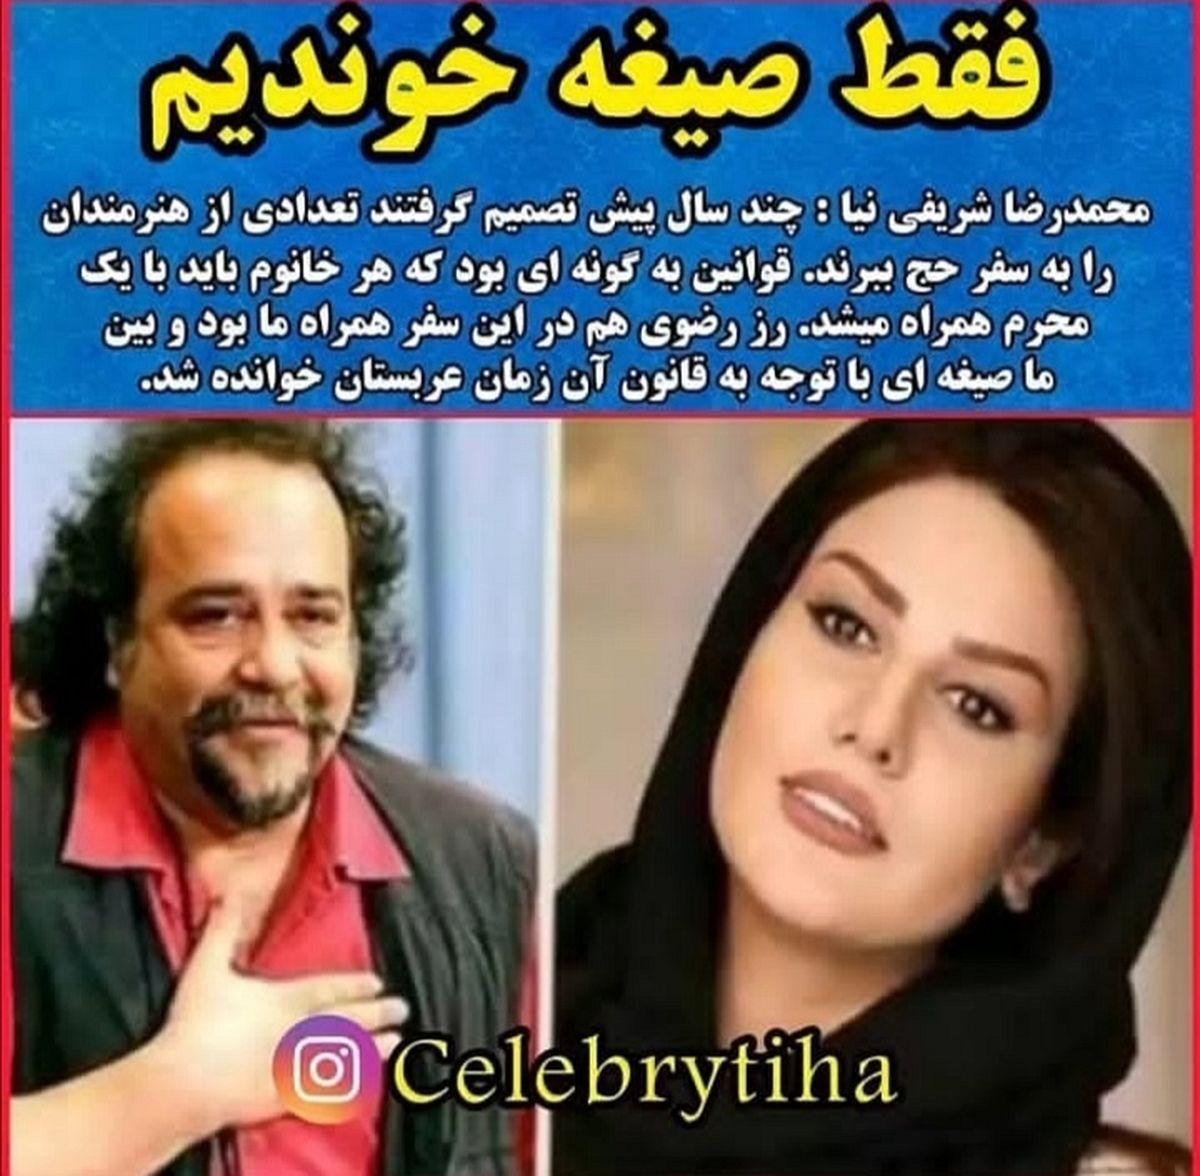 همسر صیغه ای محمدرضا شریفی نیا + عکس